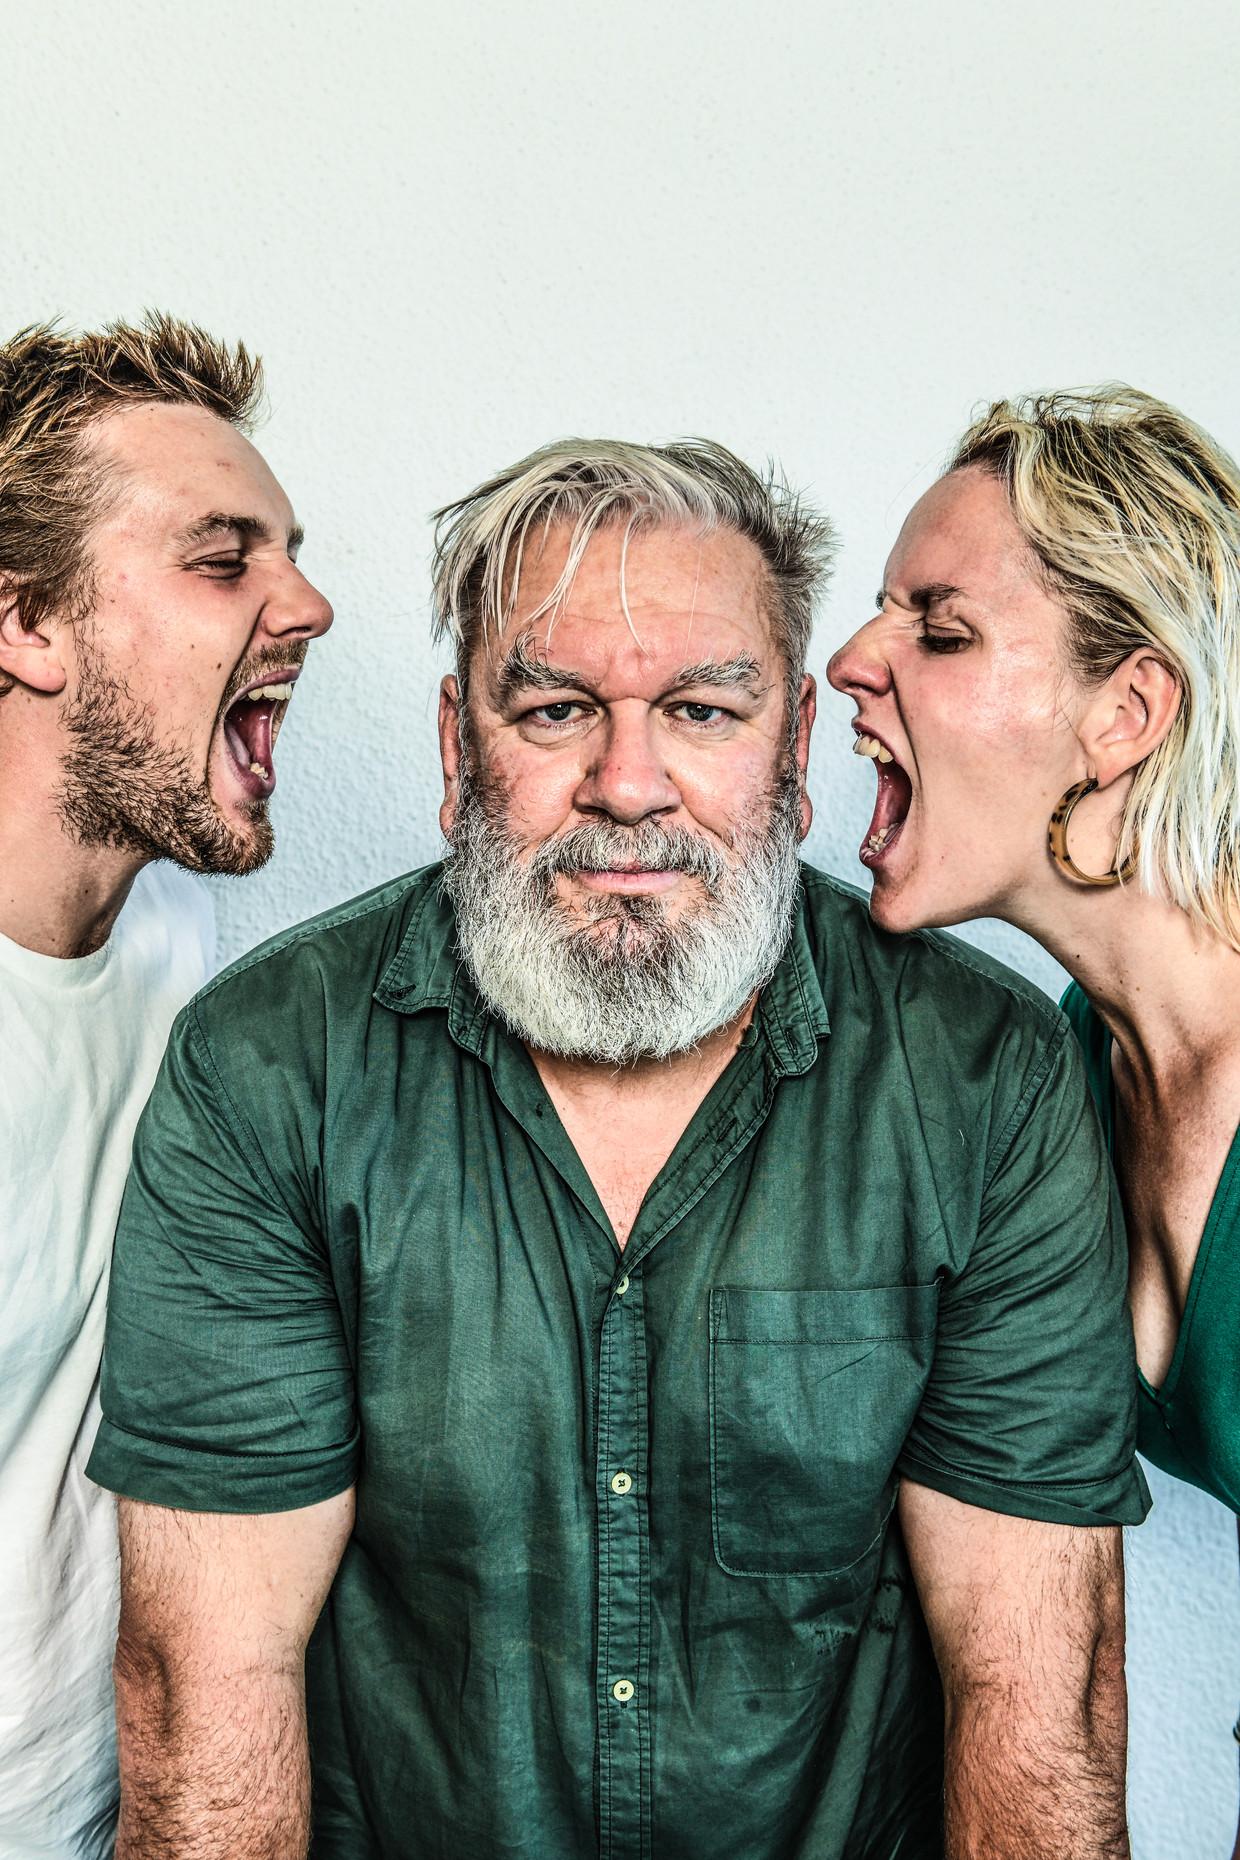 Marthe, Emiel en Wim Opbrouck, Gent, 12/08/2020 Publicatie begin sept 2020 Beeld Koen Bauters Humo 2020